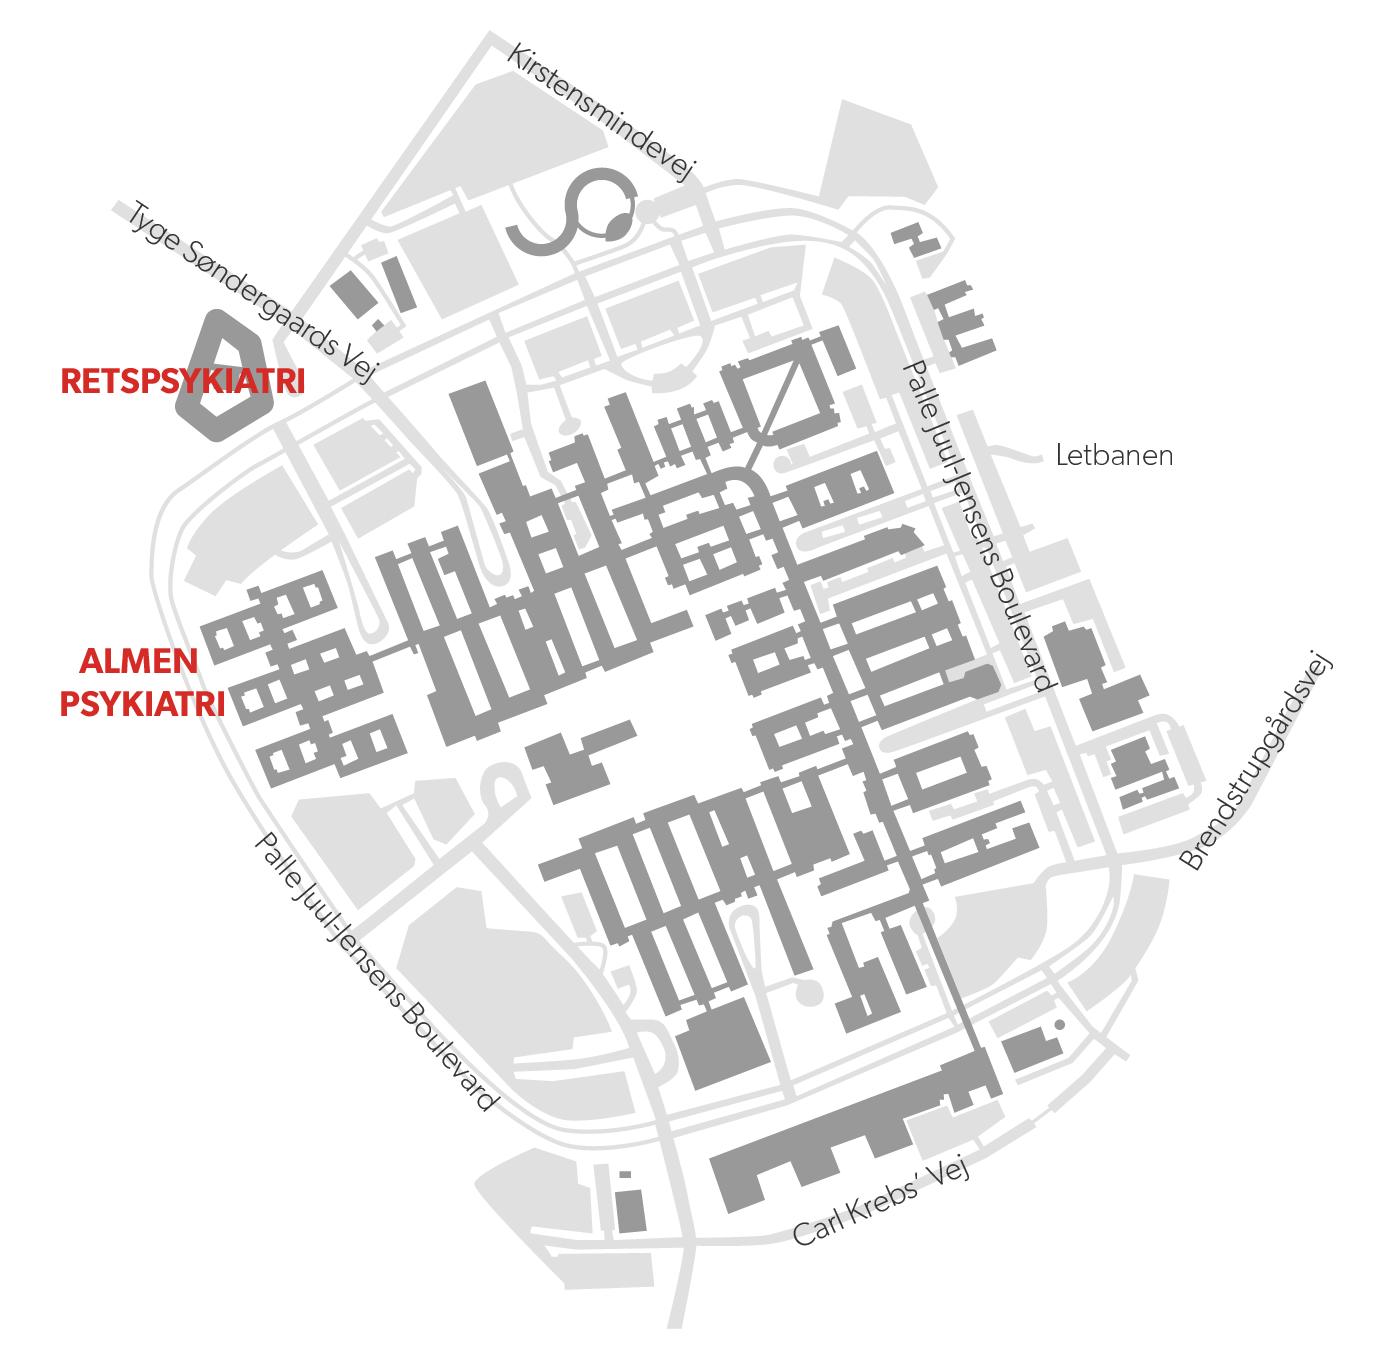 Psykiatrien, og derunder også retspsykiatrien, flyttede til Skejby i november og blev en del af det øvrige sygehus.